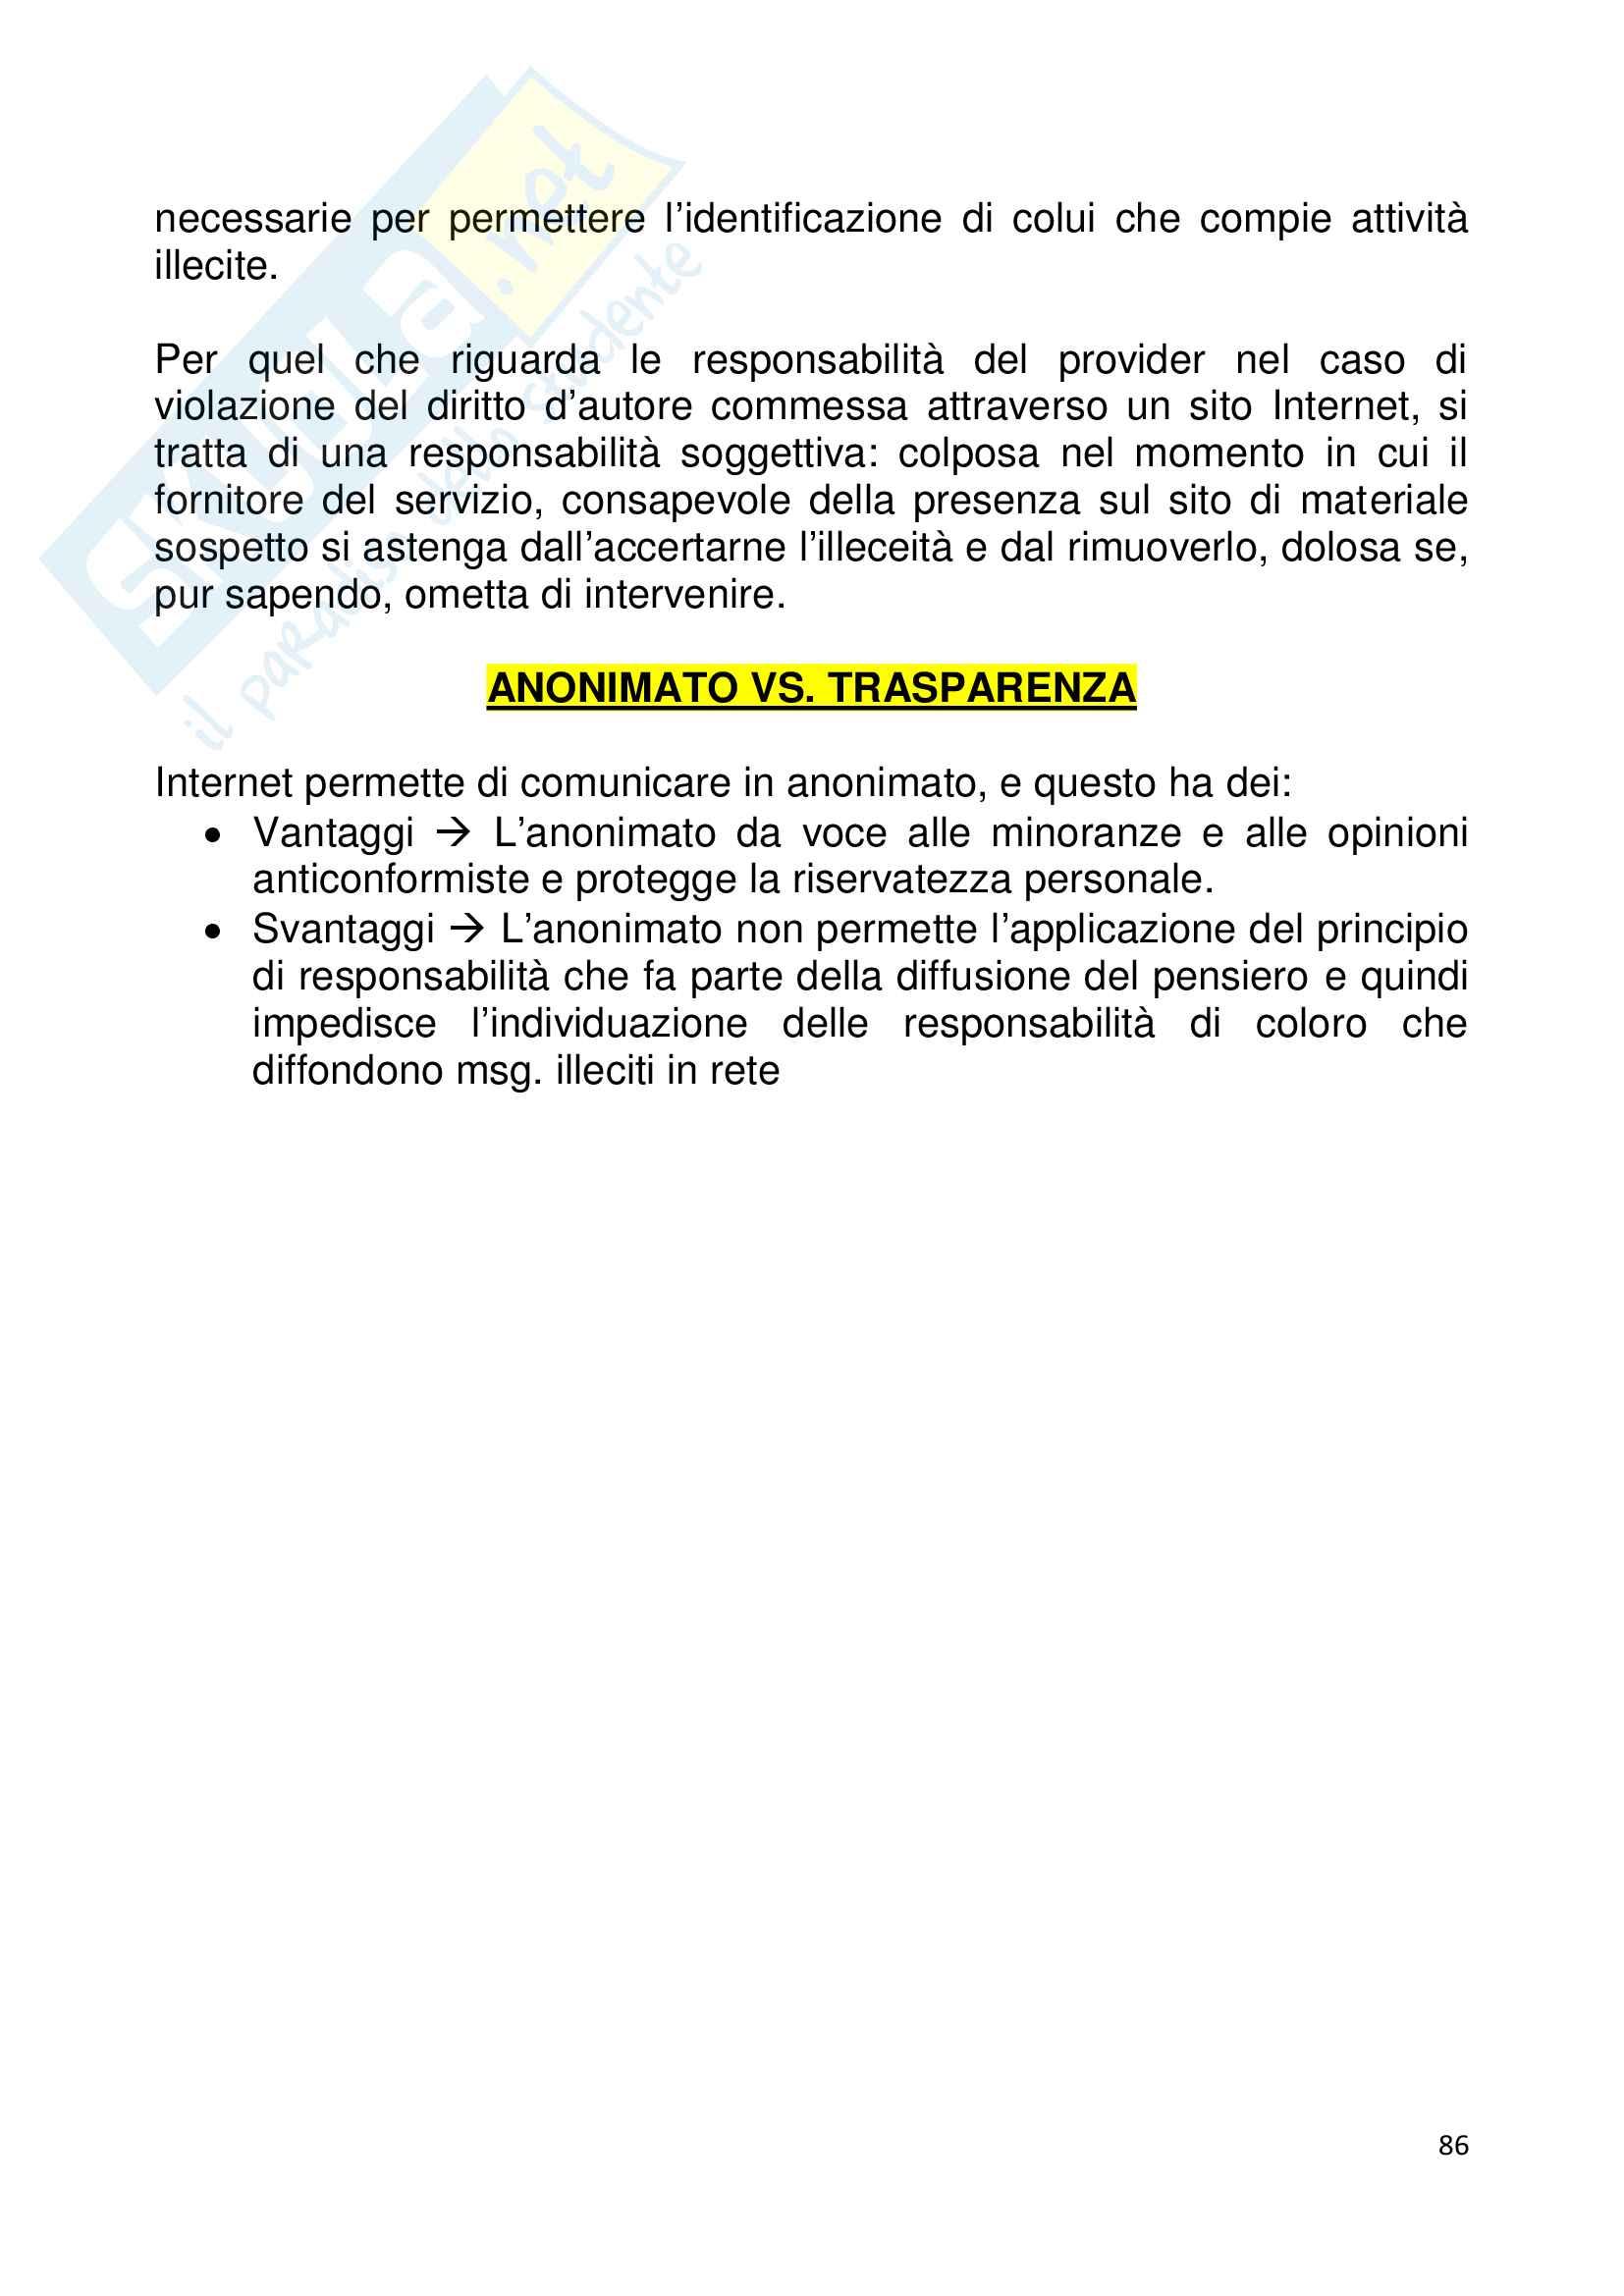 Riassunto esame Istituzioni di diritto pubblico. Diritto dell'informazione e della comunicazione., prof. Caporale, libro consigliato Le regole dell informazione. Dal cartaceo al bit. (III edizione), Gardini Pag. 86